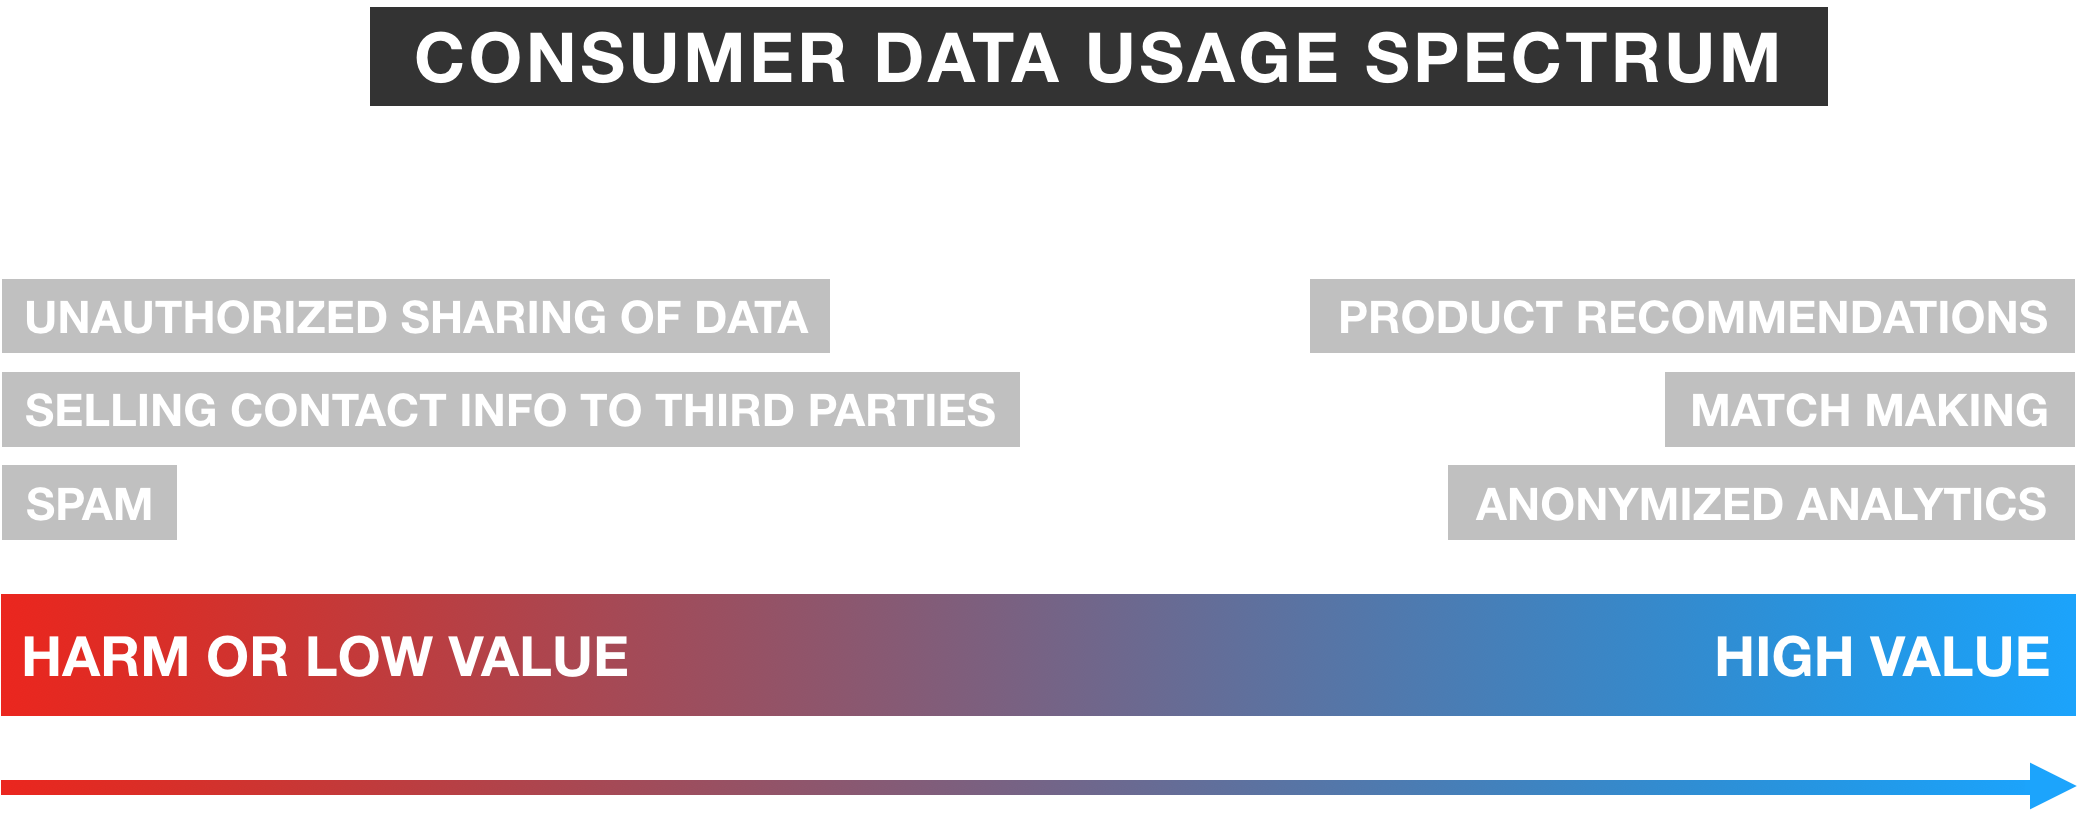 Consumer Data Usage Spectrum